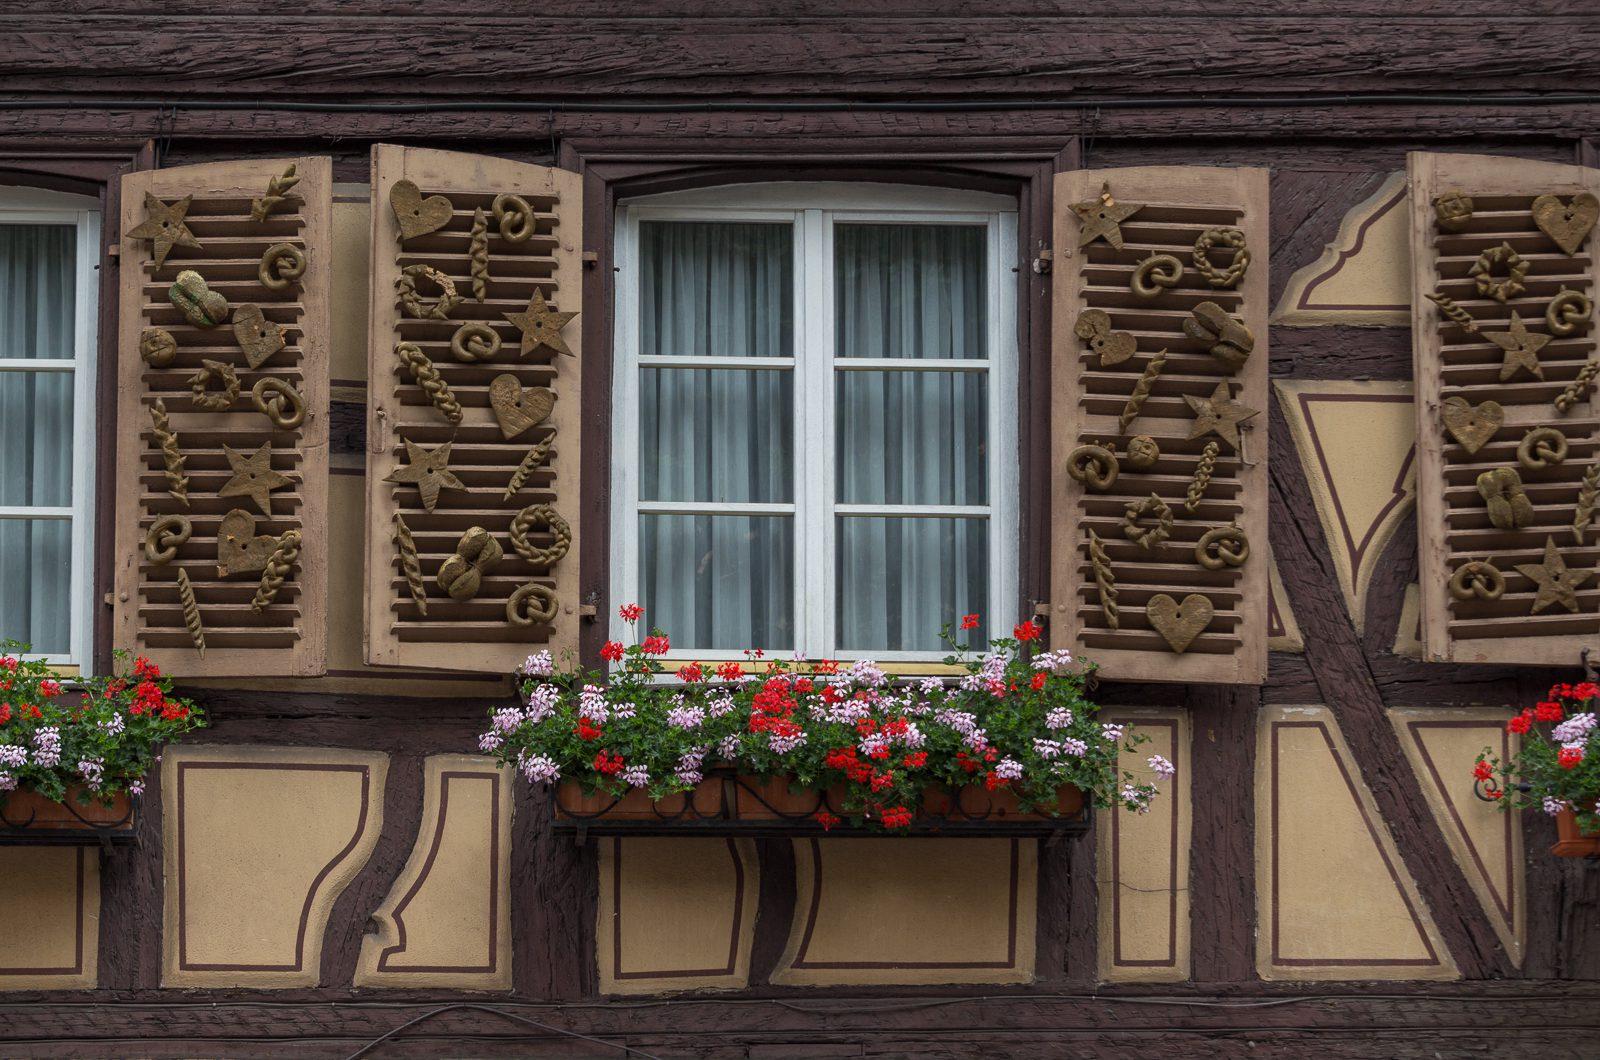 elsass_frankreich_colmar_vielweib_reiseblog-7173